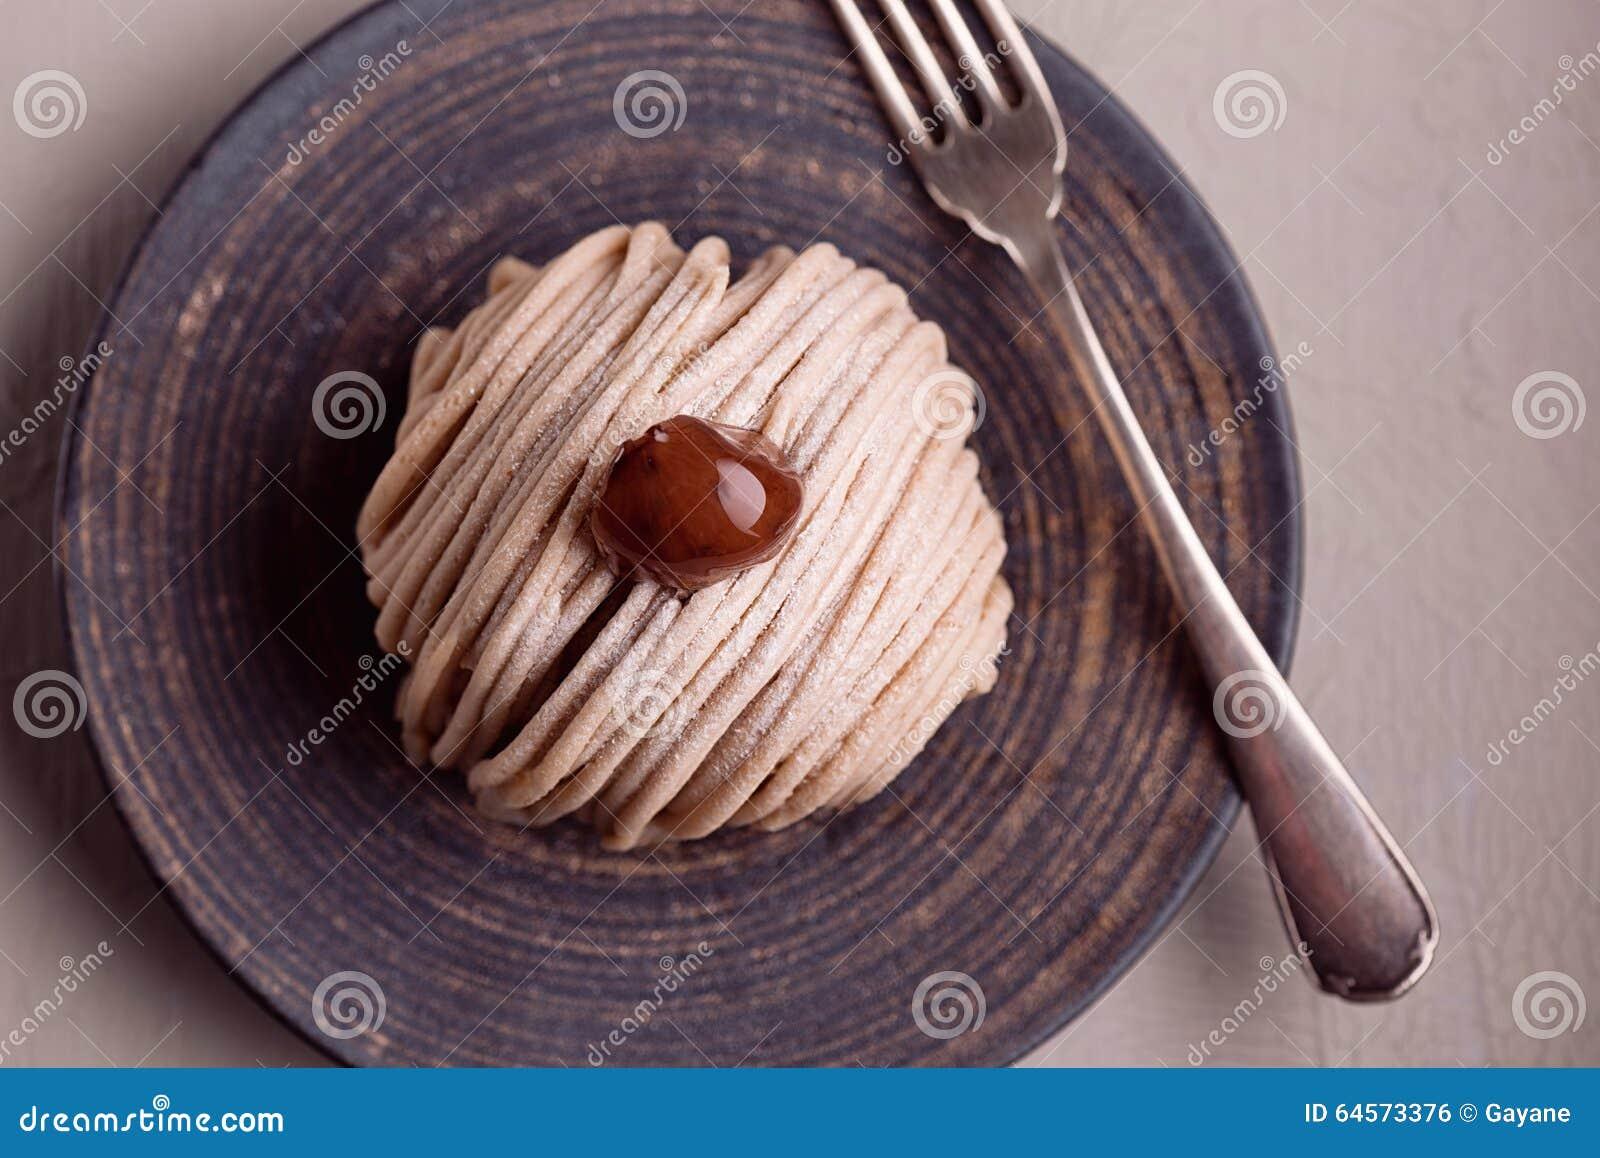 Gâteau traditionnel français Mont Blanc